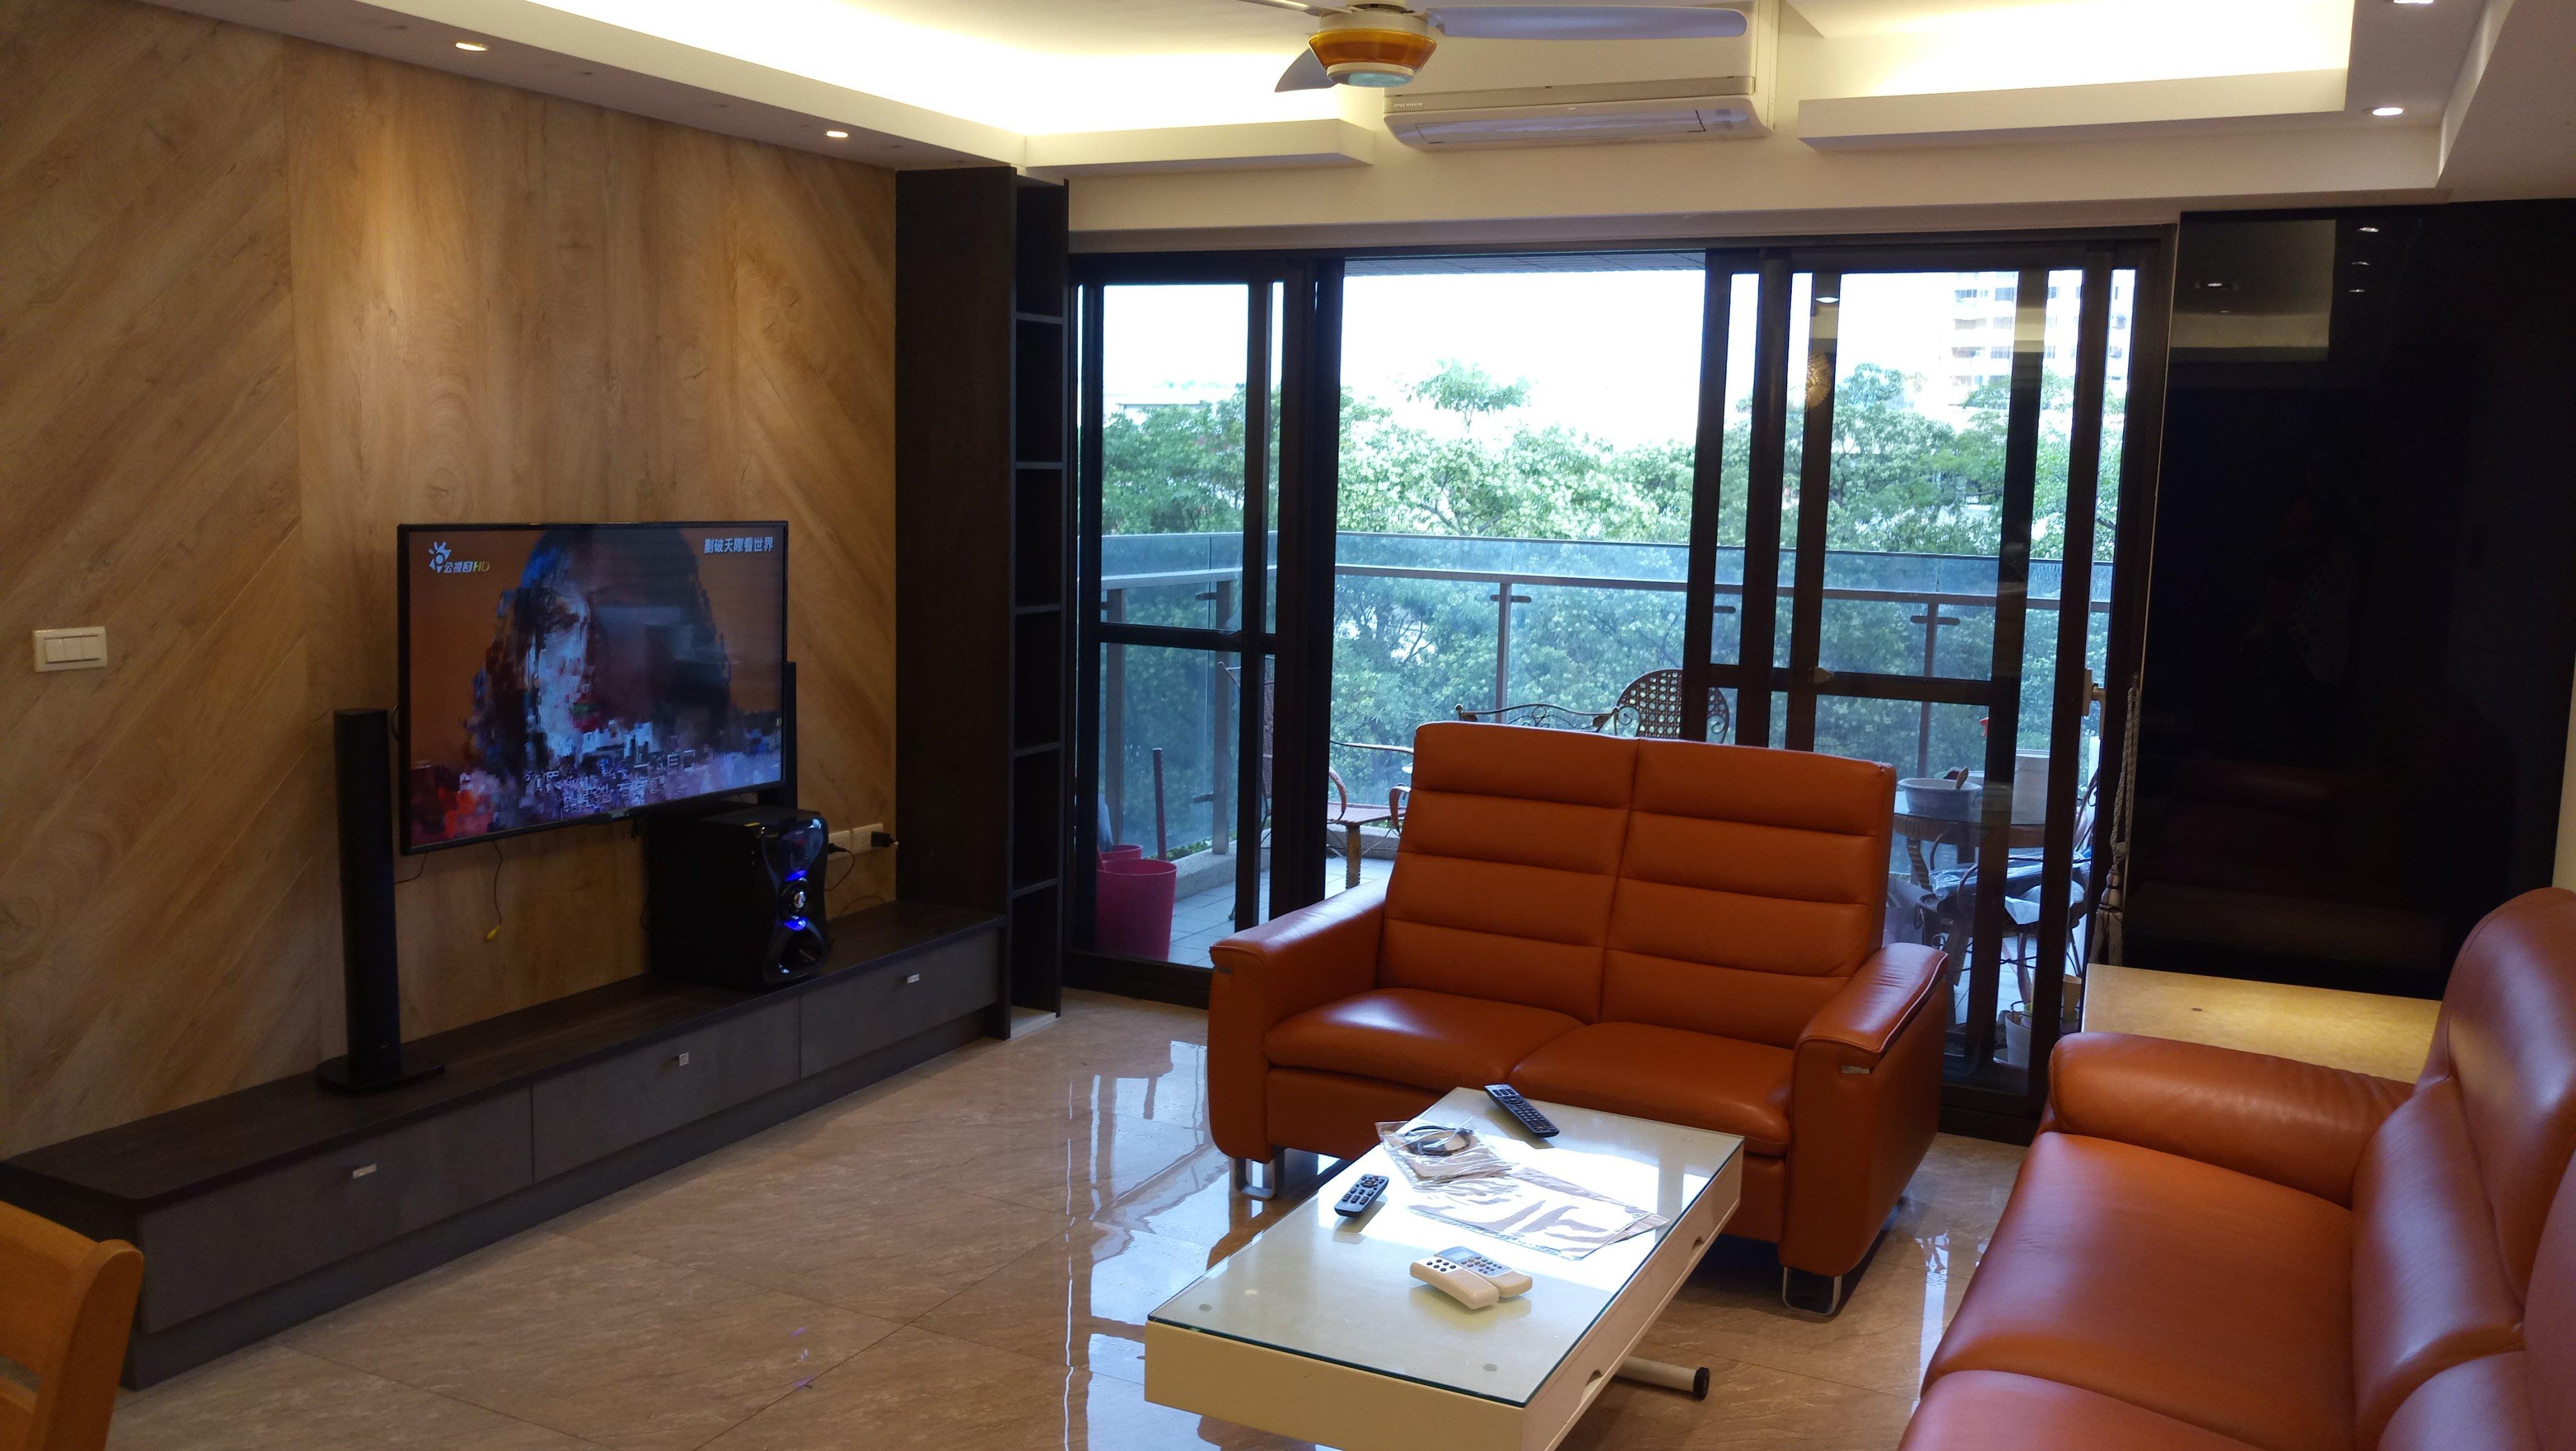 台中【寬心居系統傢俱】電視牆+電視櫃+書櫃